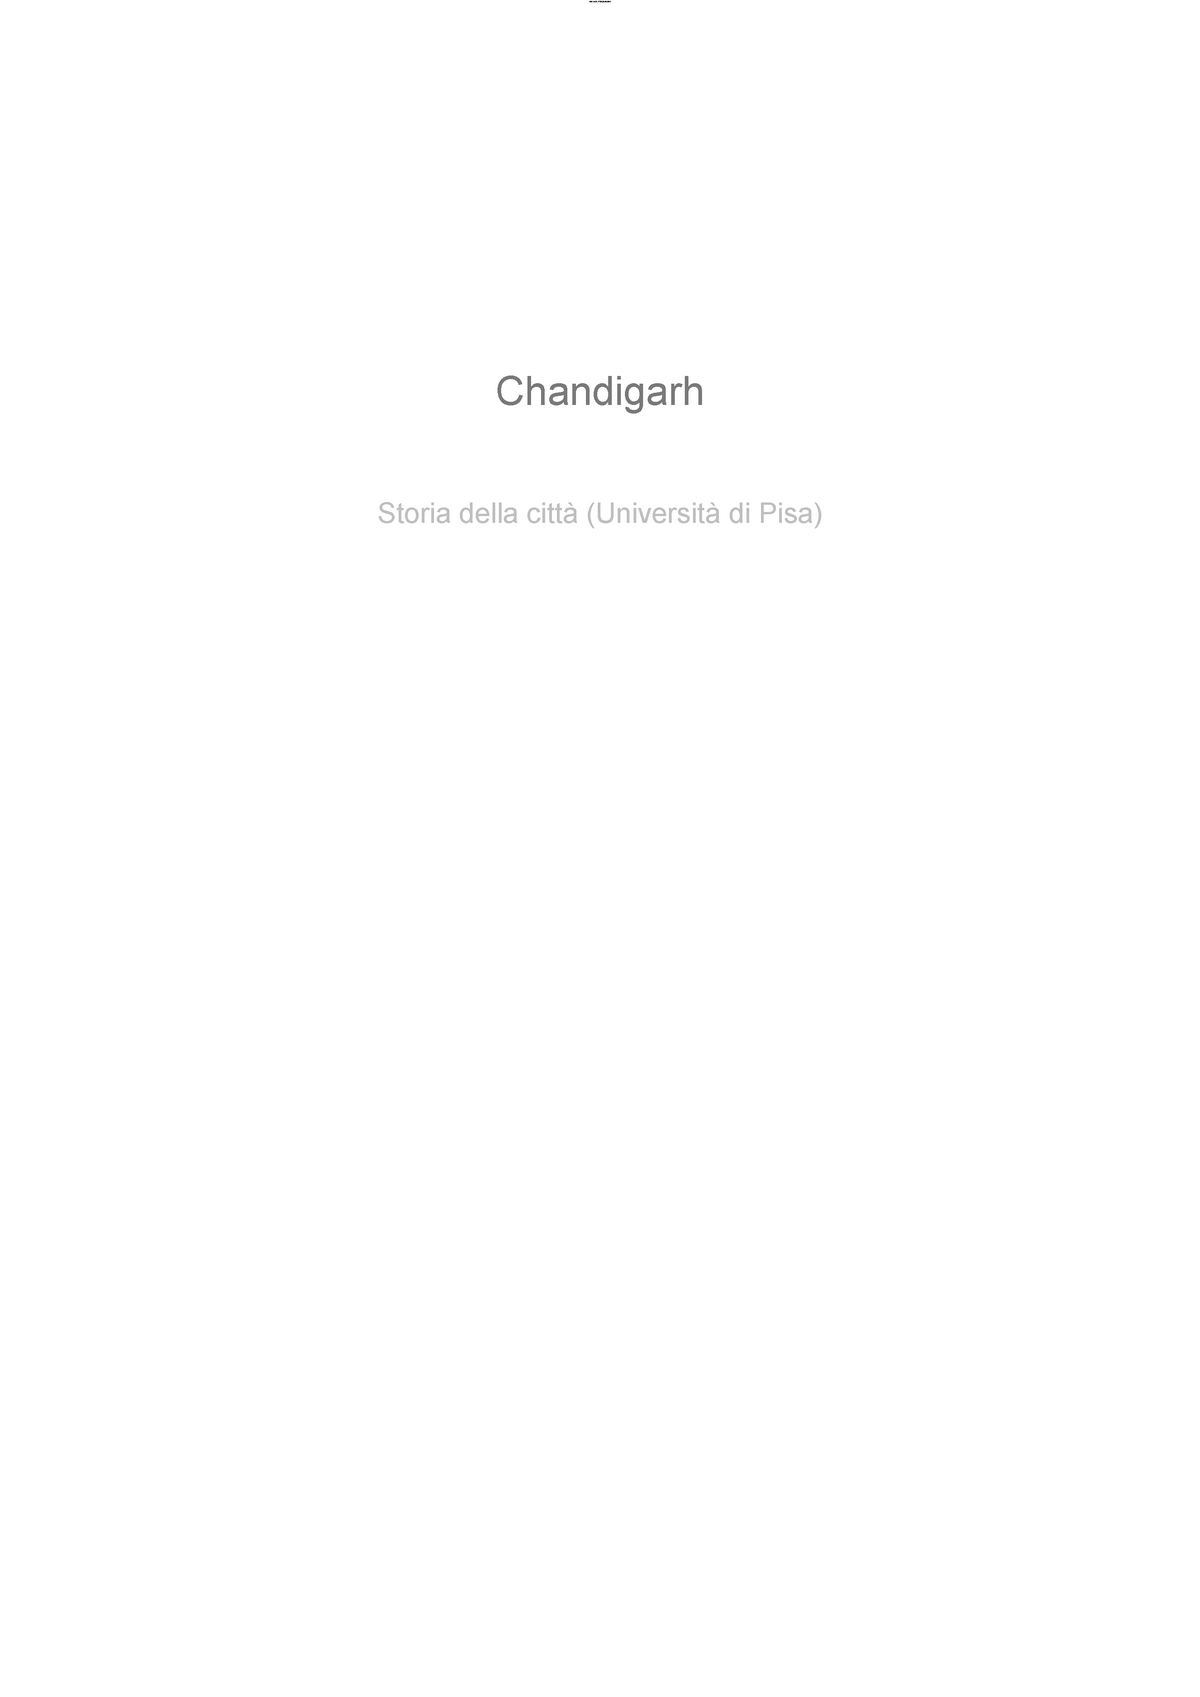 siti di incontri Chandigarh